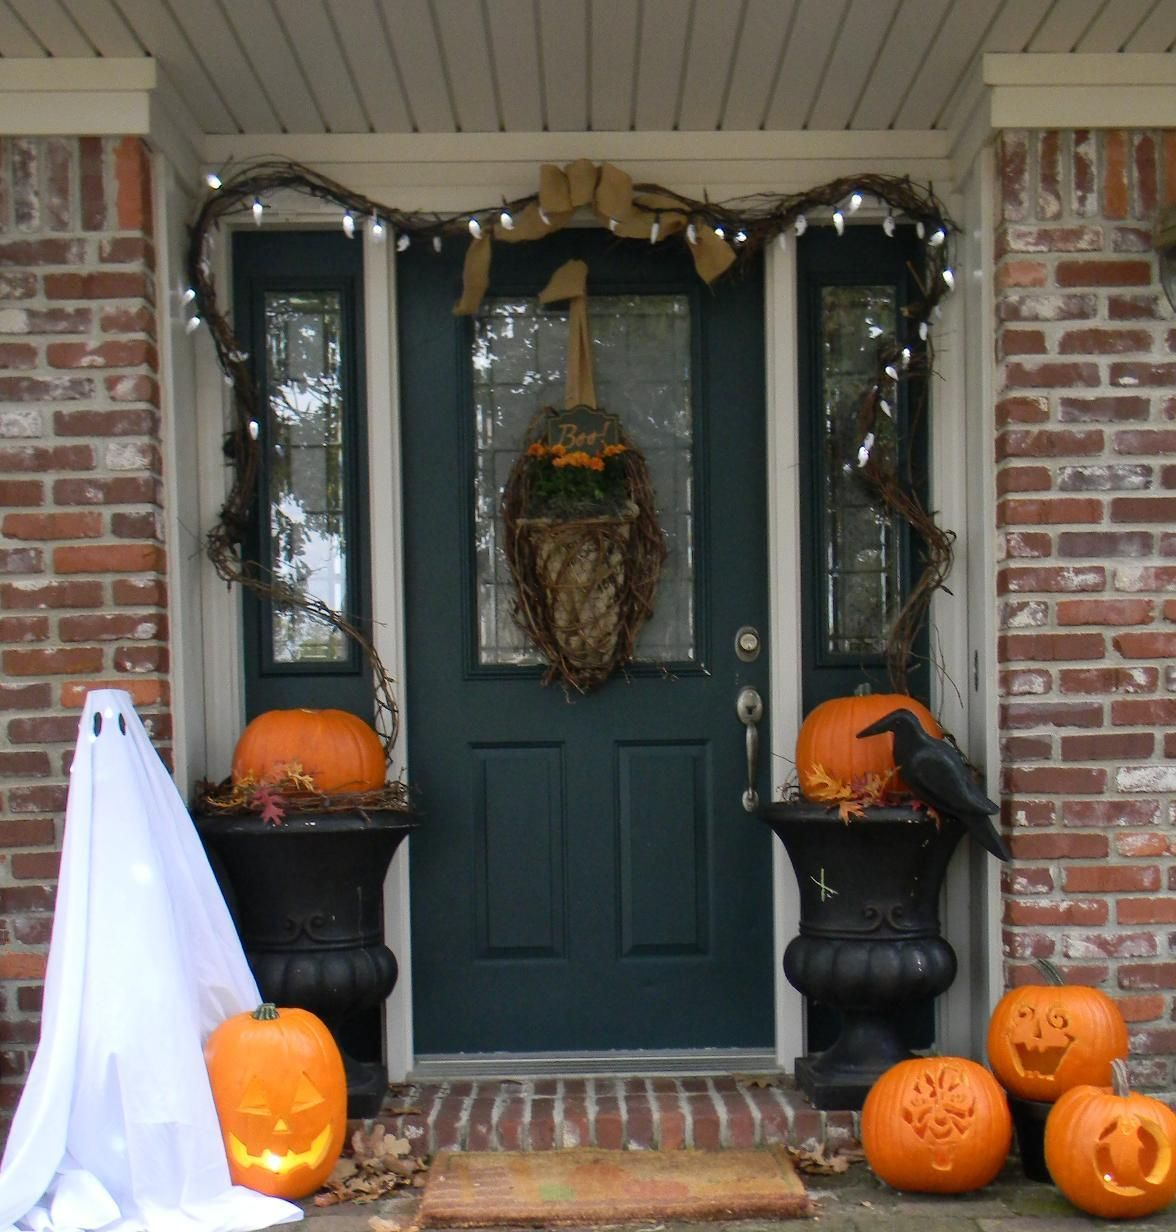 Design Decorating Front Door For Halloween 25 halloween decorations to make at home decoration holidays and astounding front porch door